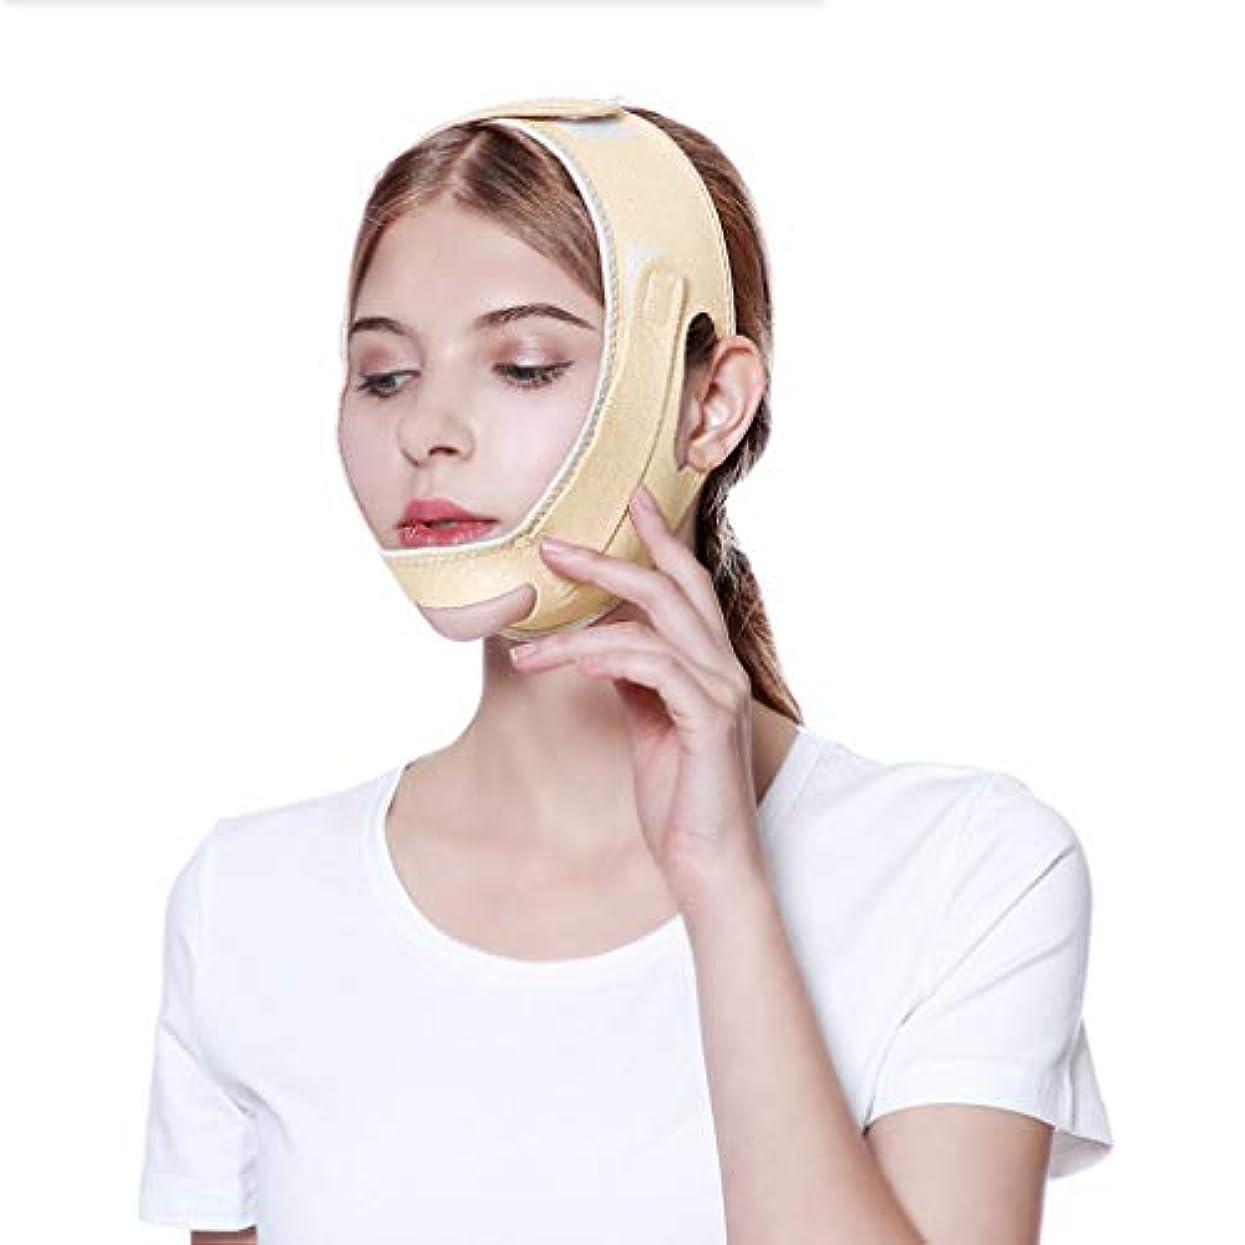 結果として不良囲む顔面重量損失顔包帯 v 顔楽器顔ツールマスクライン彫刻手術回復ヘッドギアダブルあご